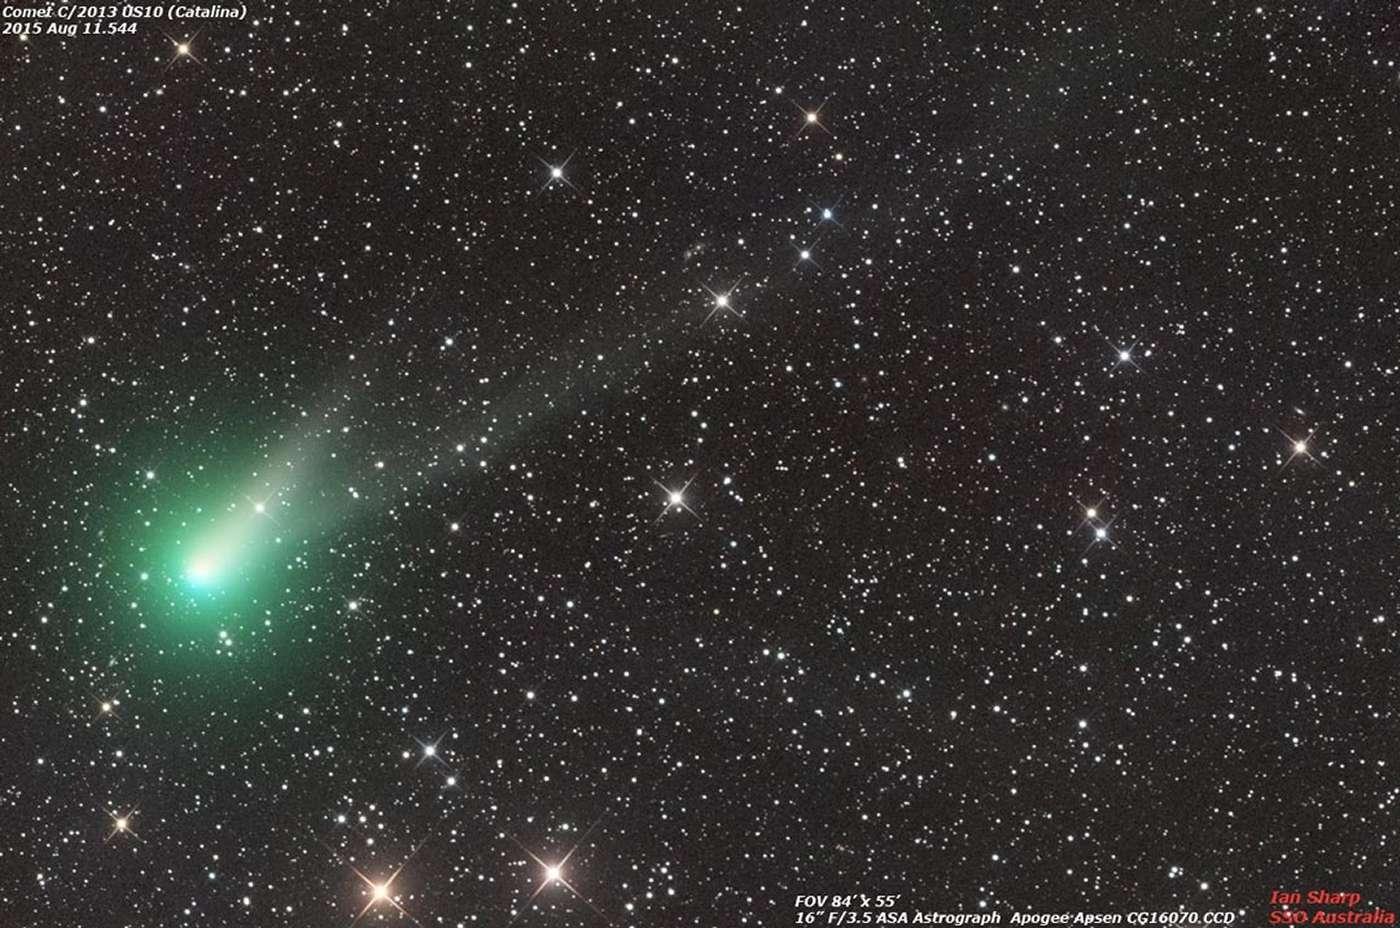 La comète C/2013 US10 Catalina photographiée le 11 août 2013 depuis l'Australie. Peut-être se donnera-t-elle de nouveau en spectacle ce mois-ci... © Ian Sharp